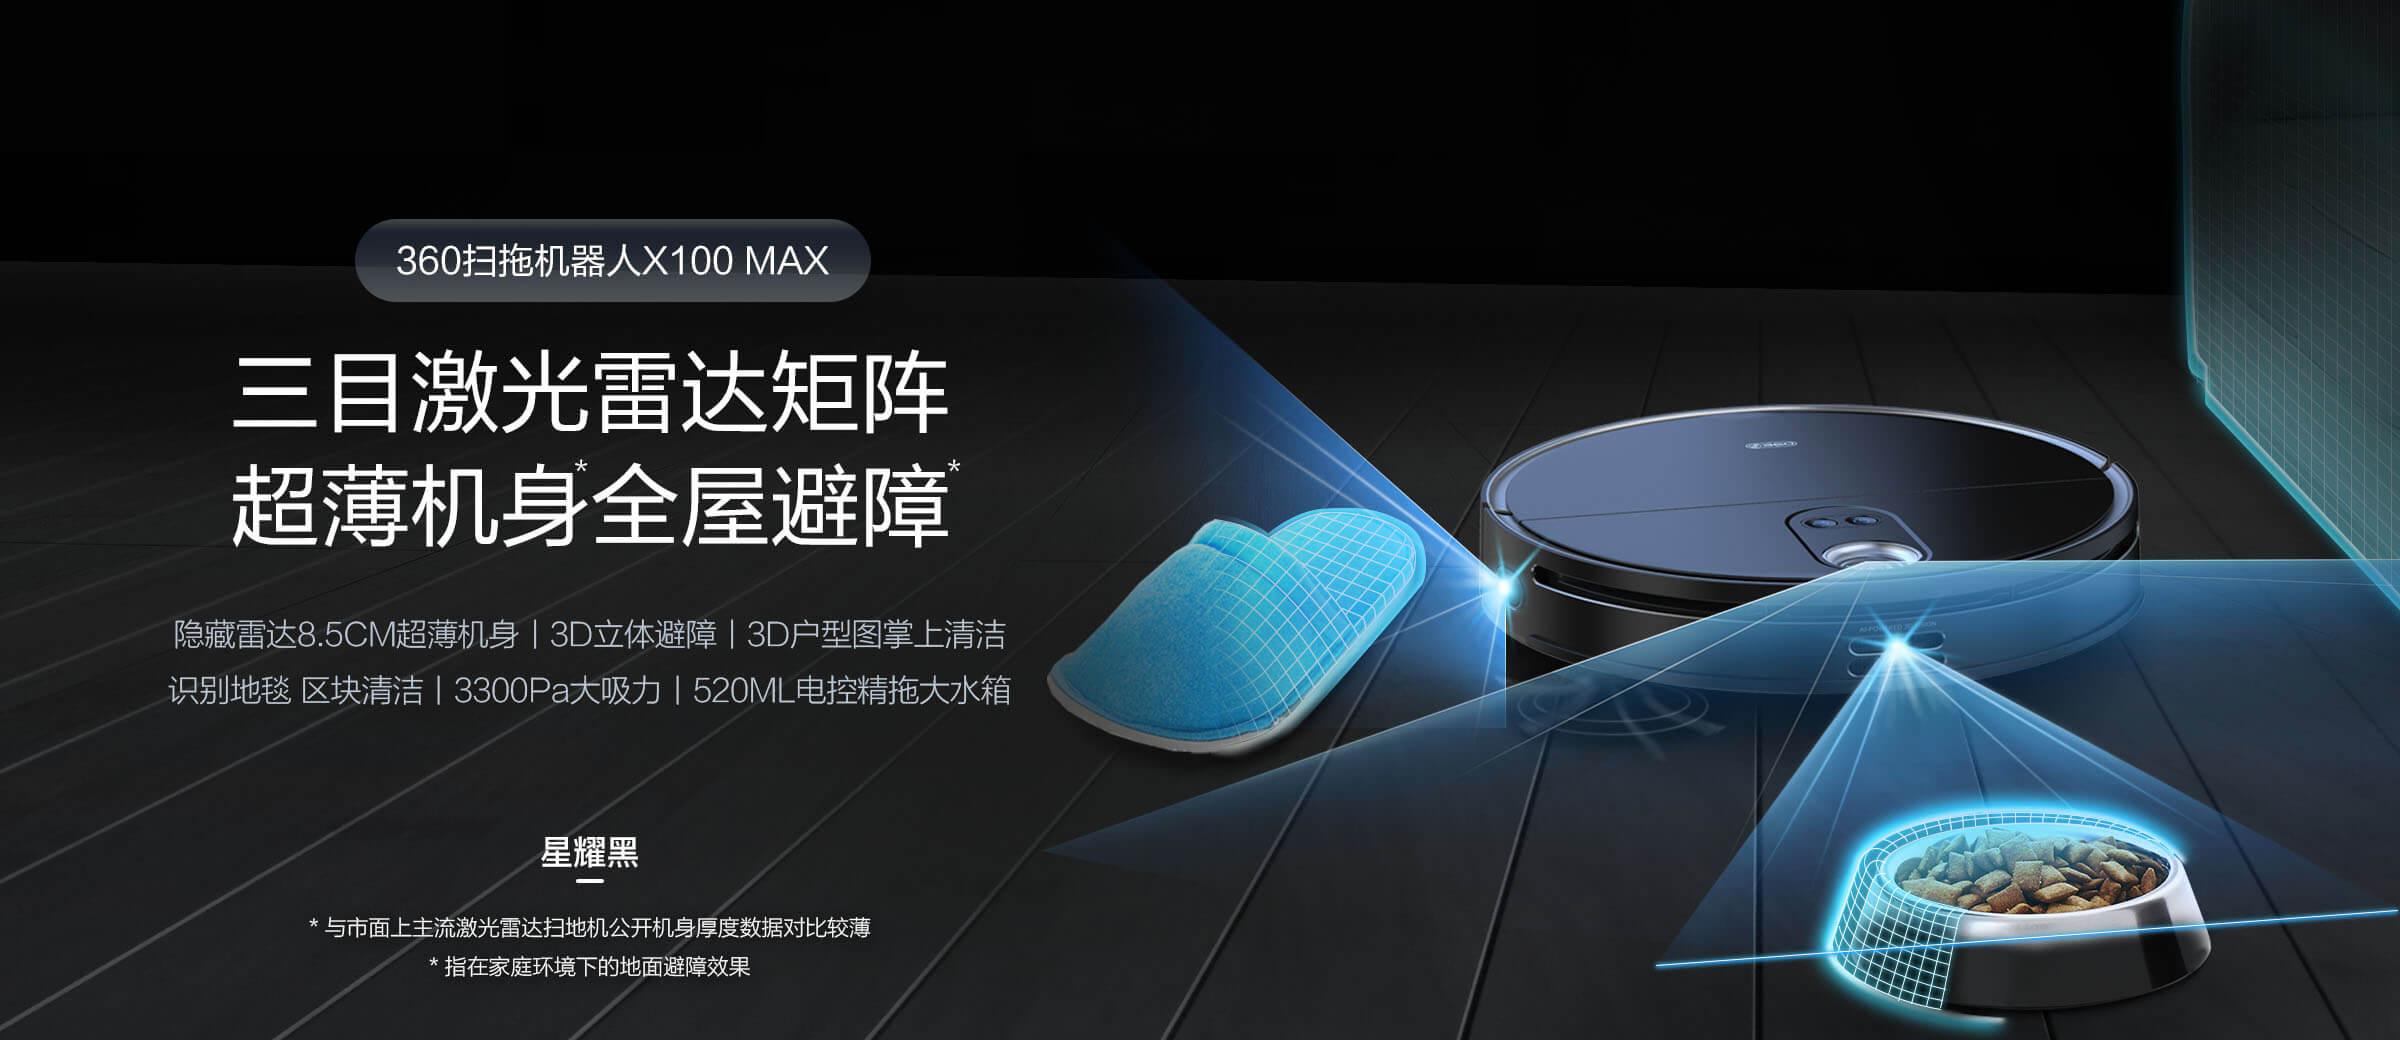 线下产品 扫地机X100 MAX